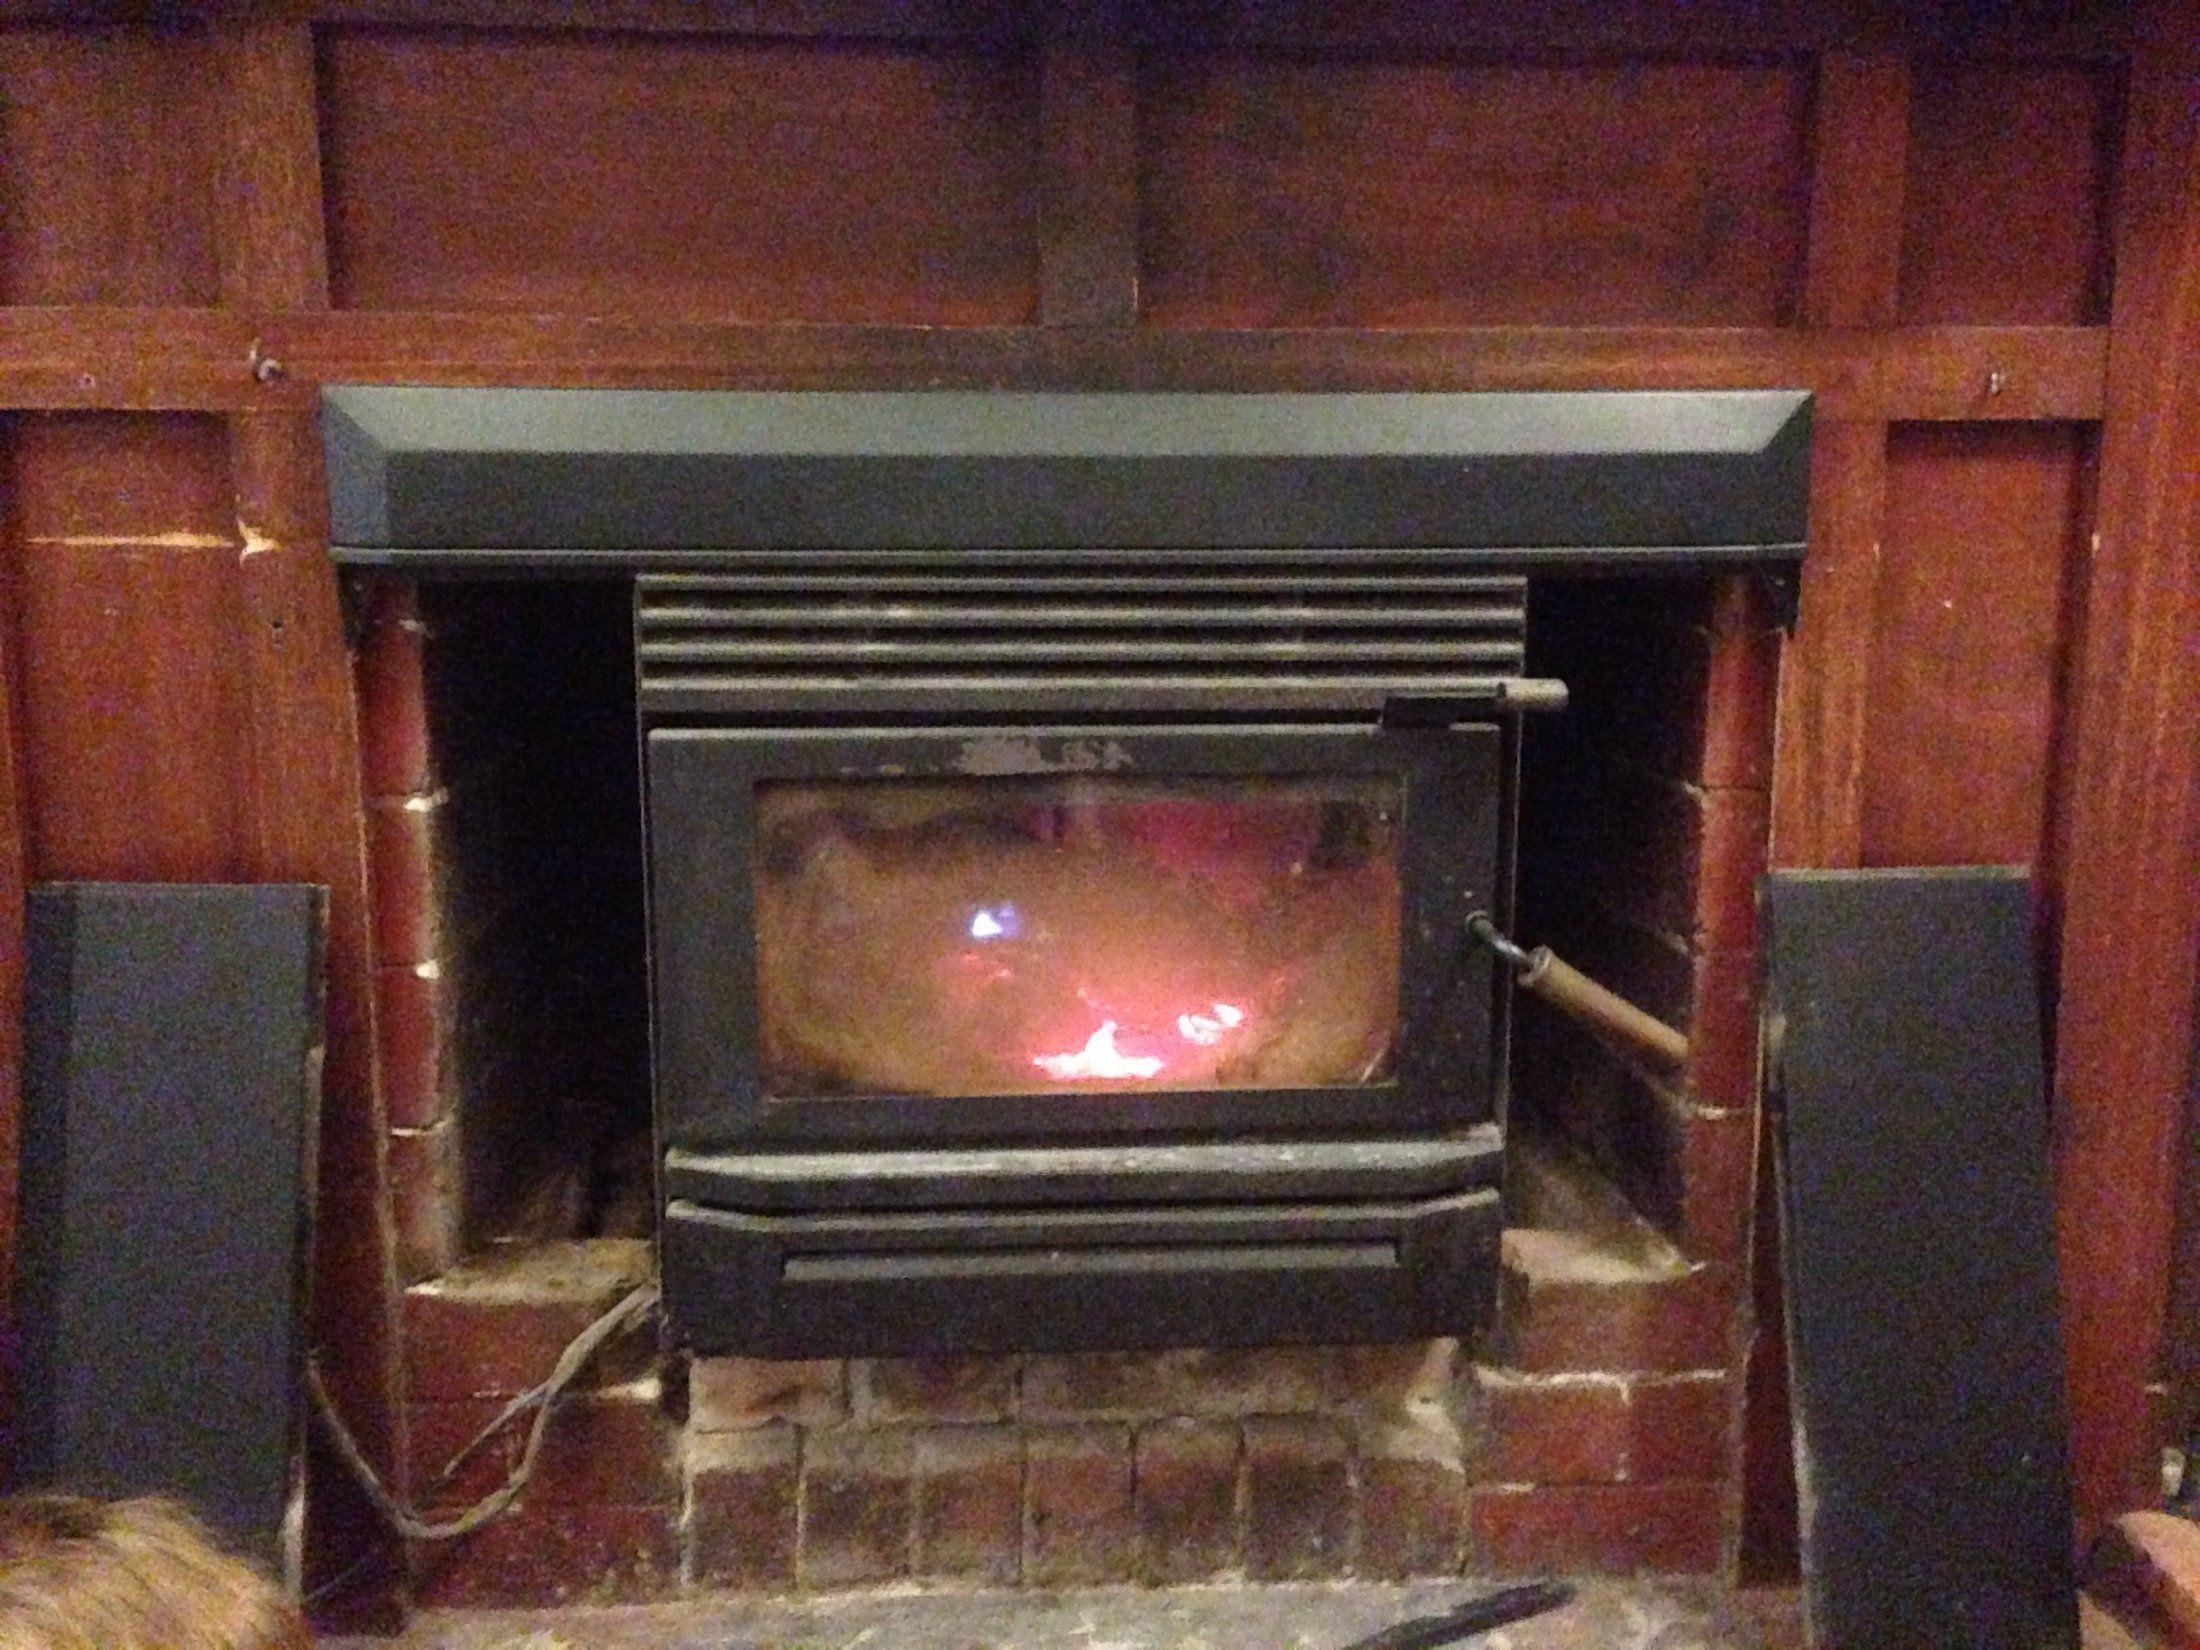 insulating sealing around fire box hearth com forums home